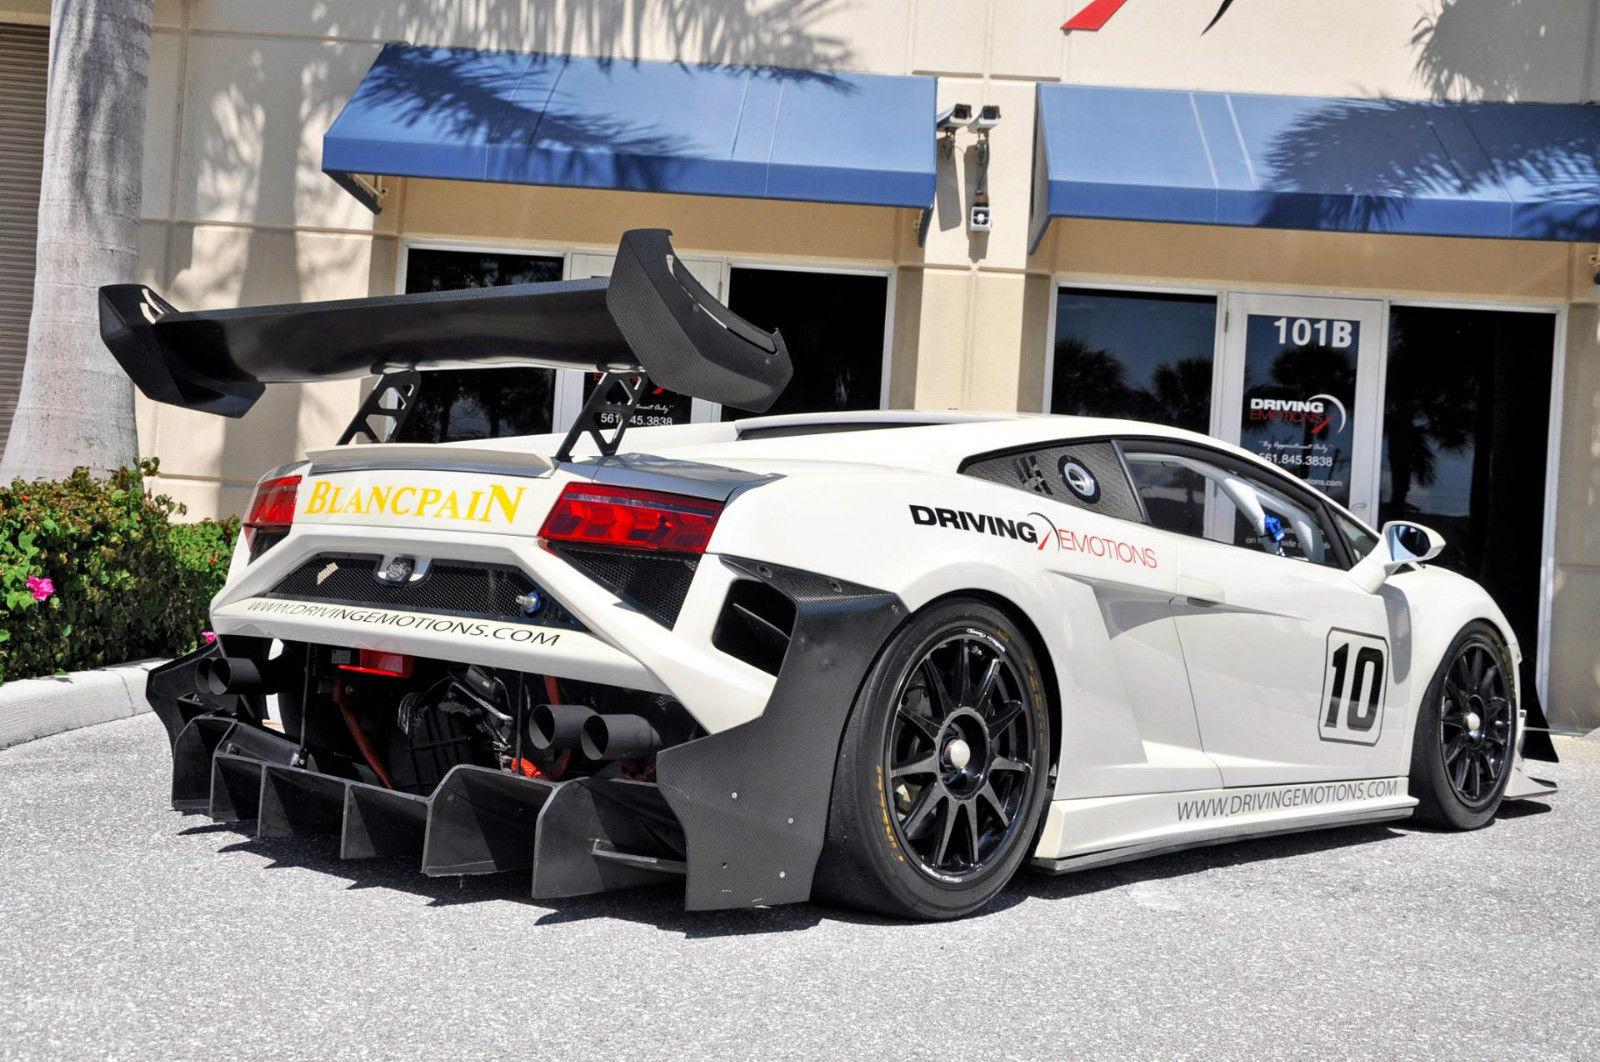 Awesome 2013 Lamborghini Gallardo Lp570 Super Trofeo Race Car 2013